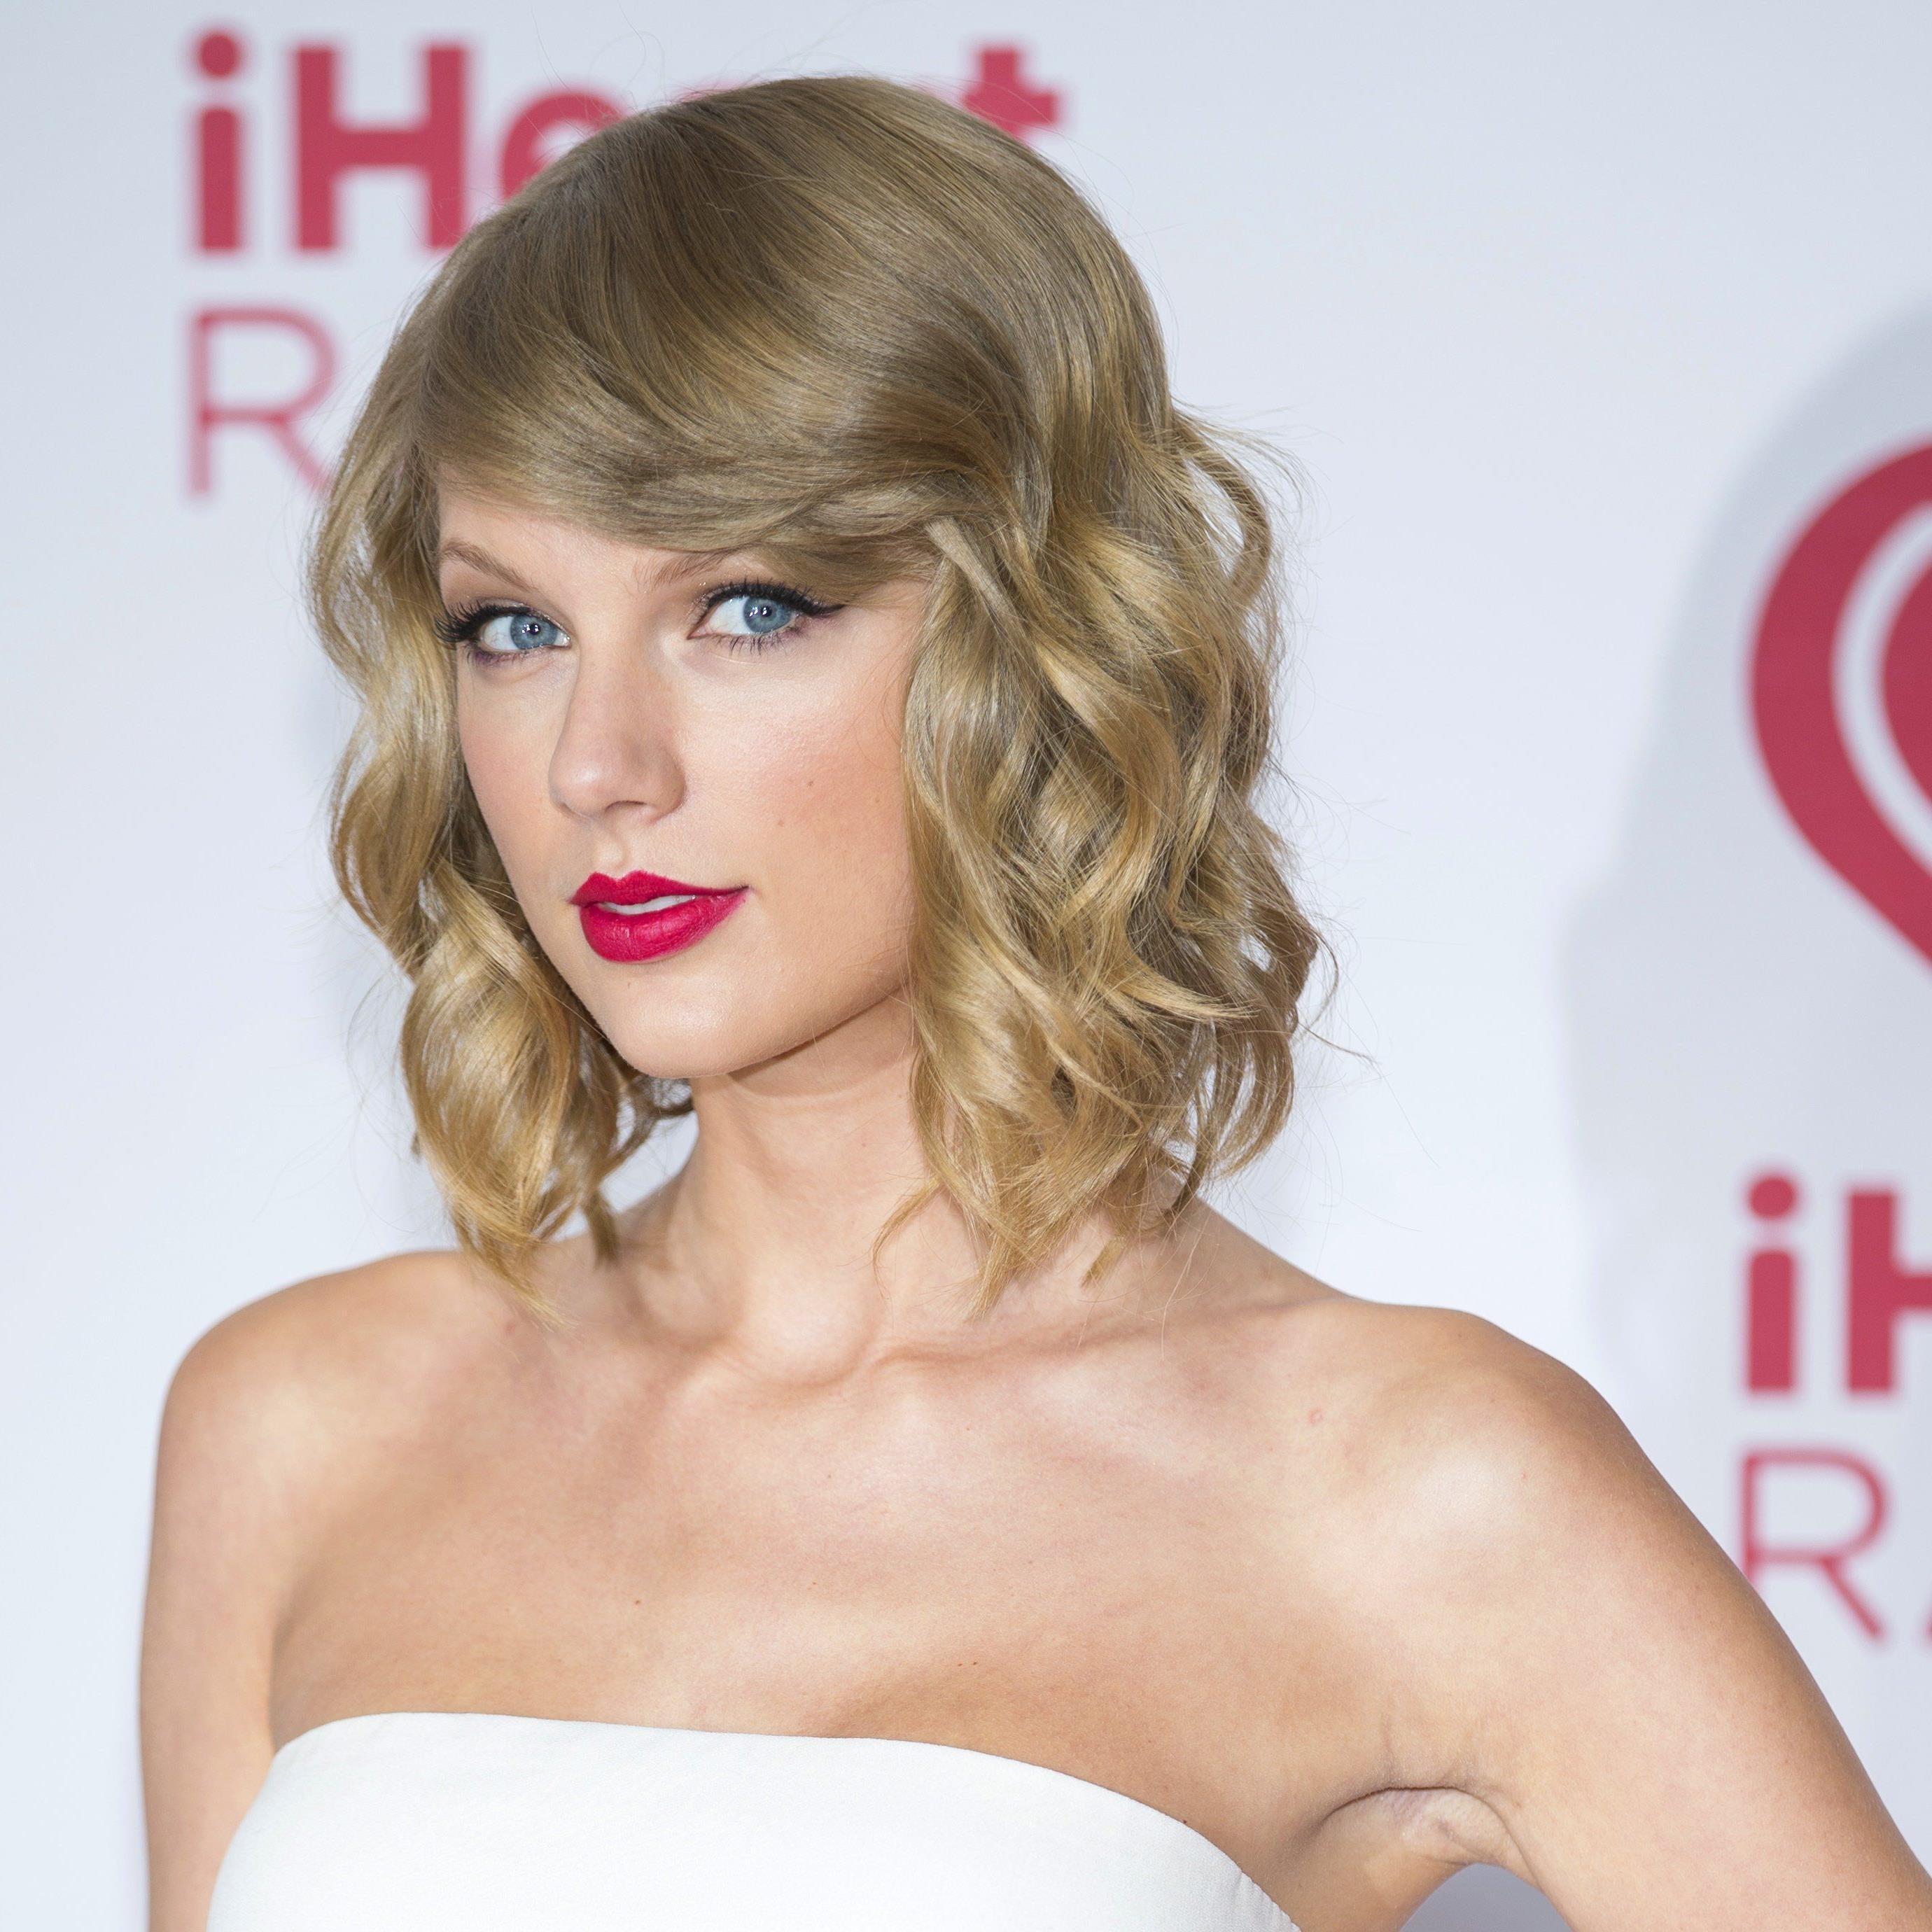 Taylor Swift fürchtet sich nach eigenen Angaben nicht vor Nacktfoto-Drohungen.